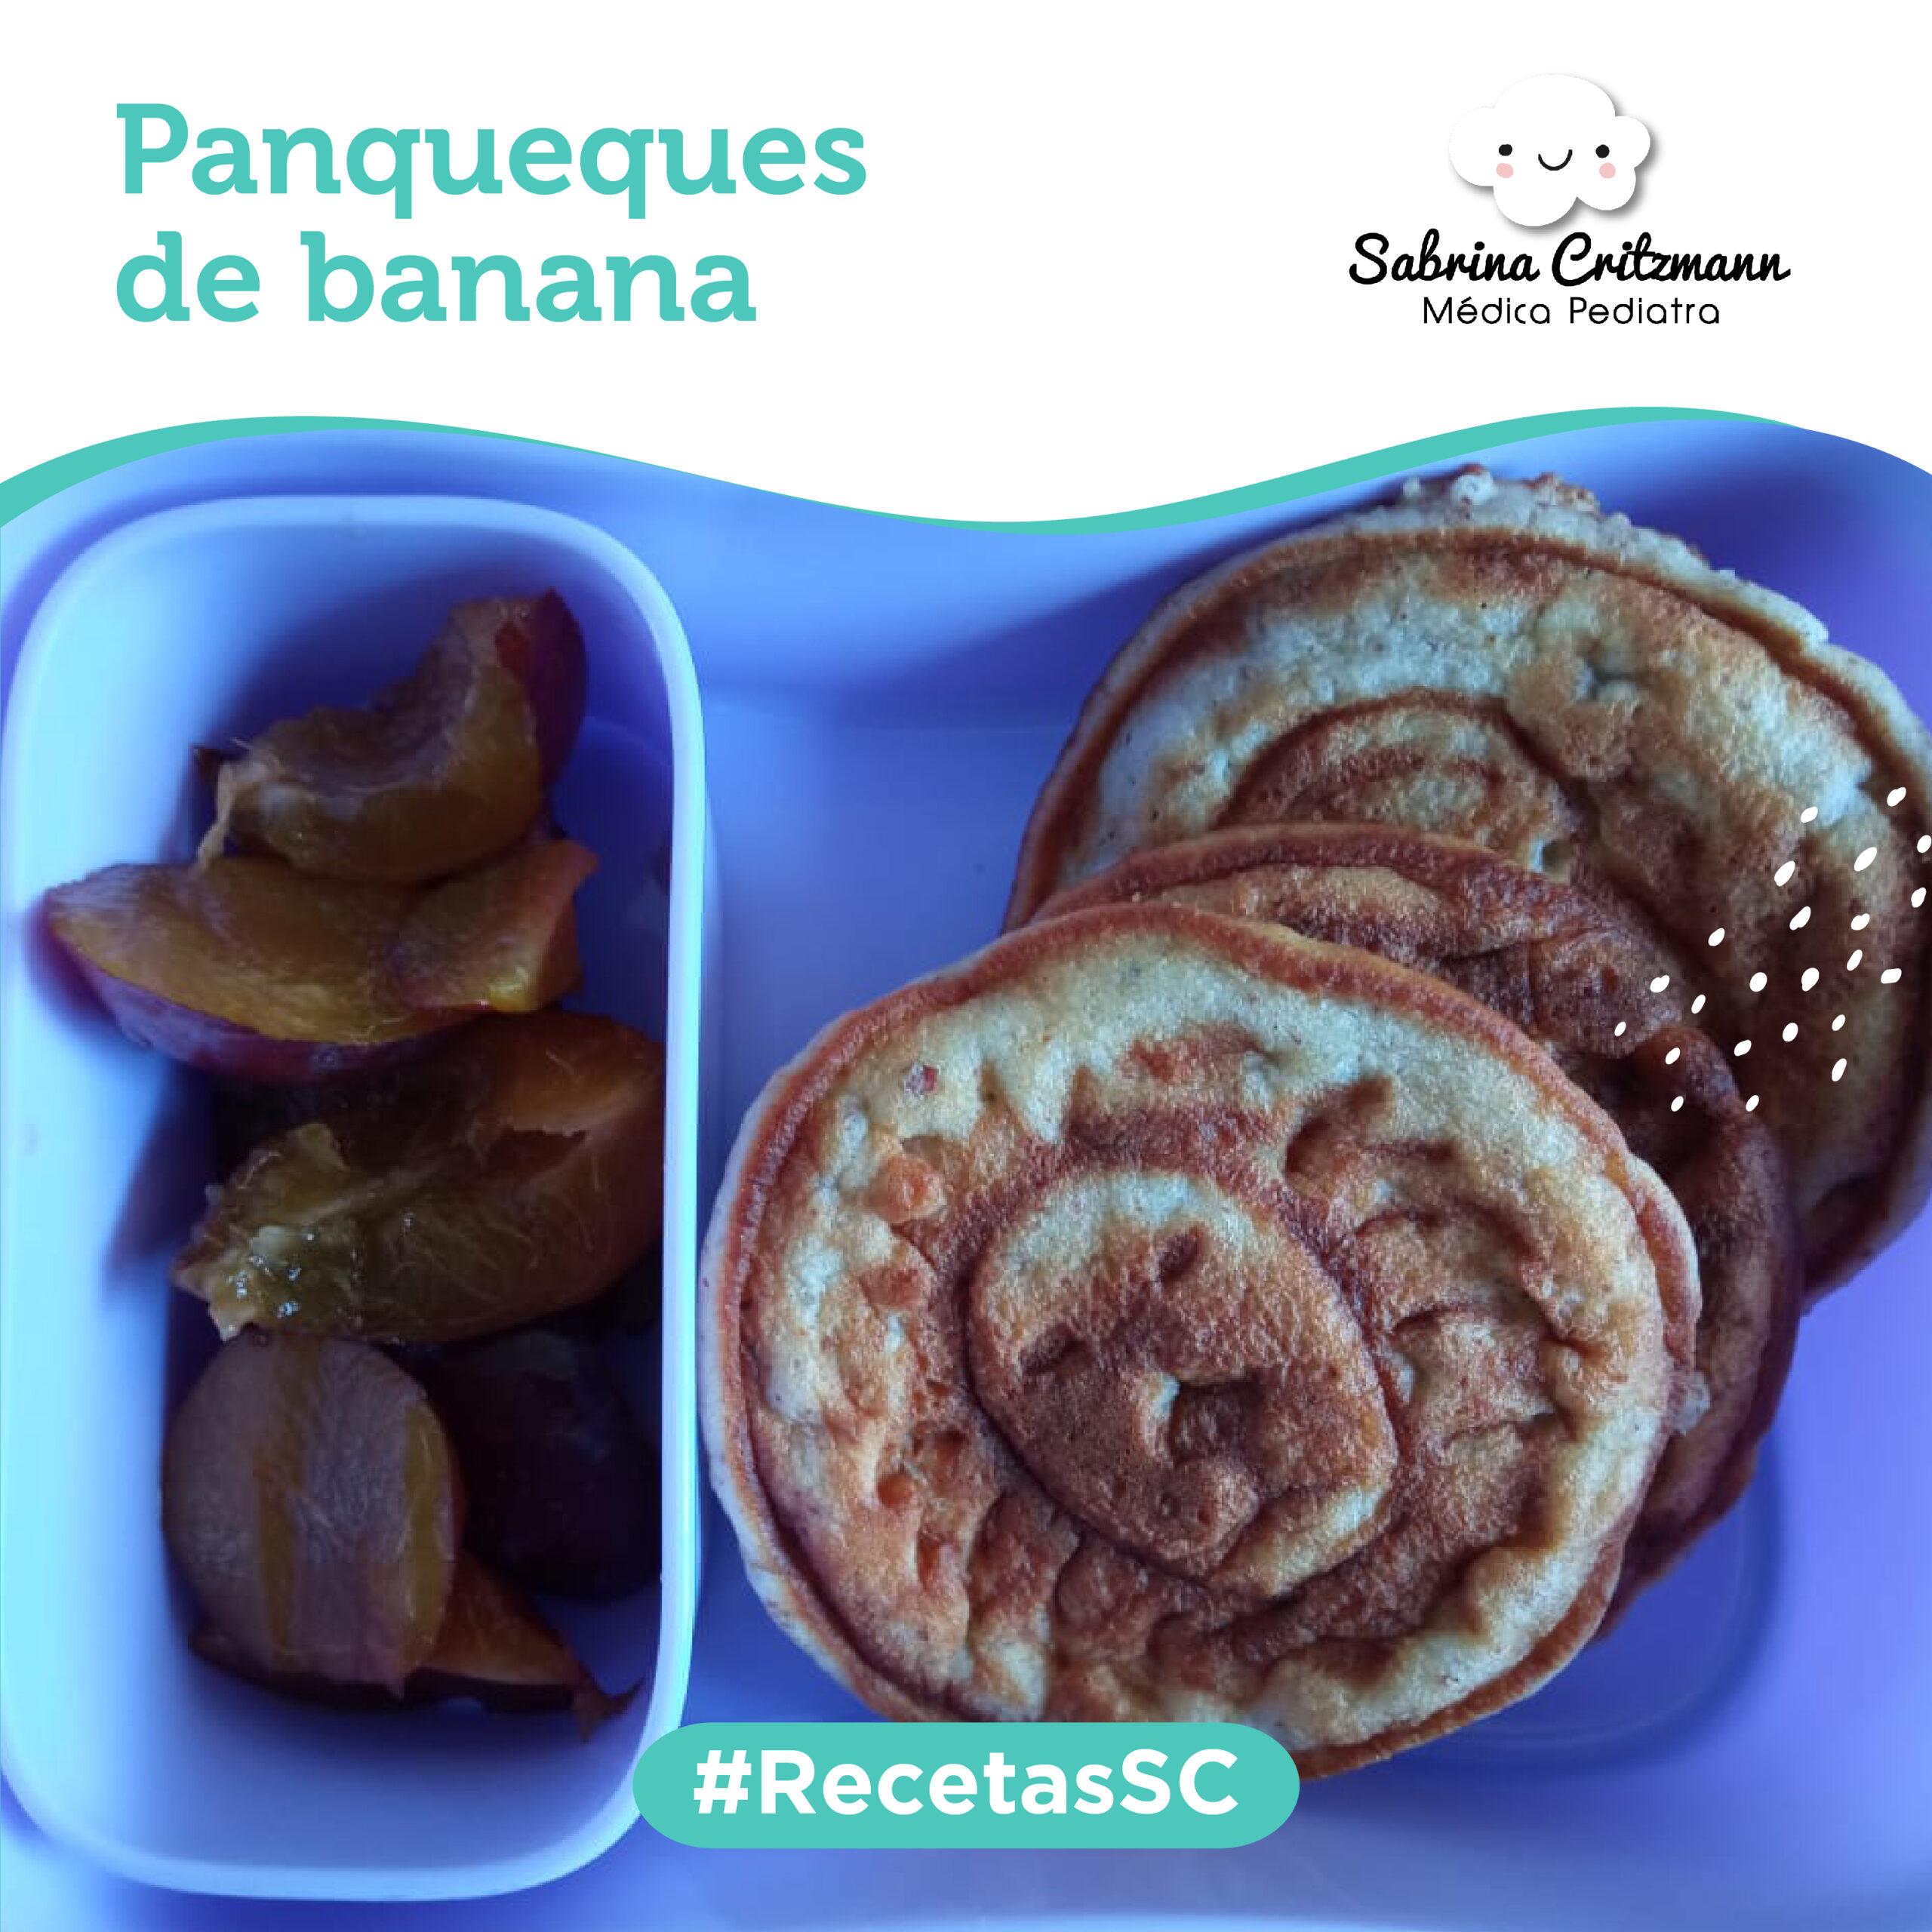 panqueques de banana